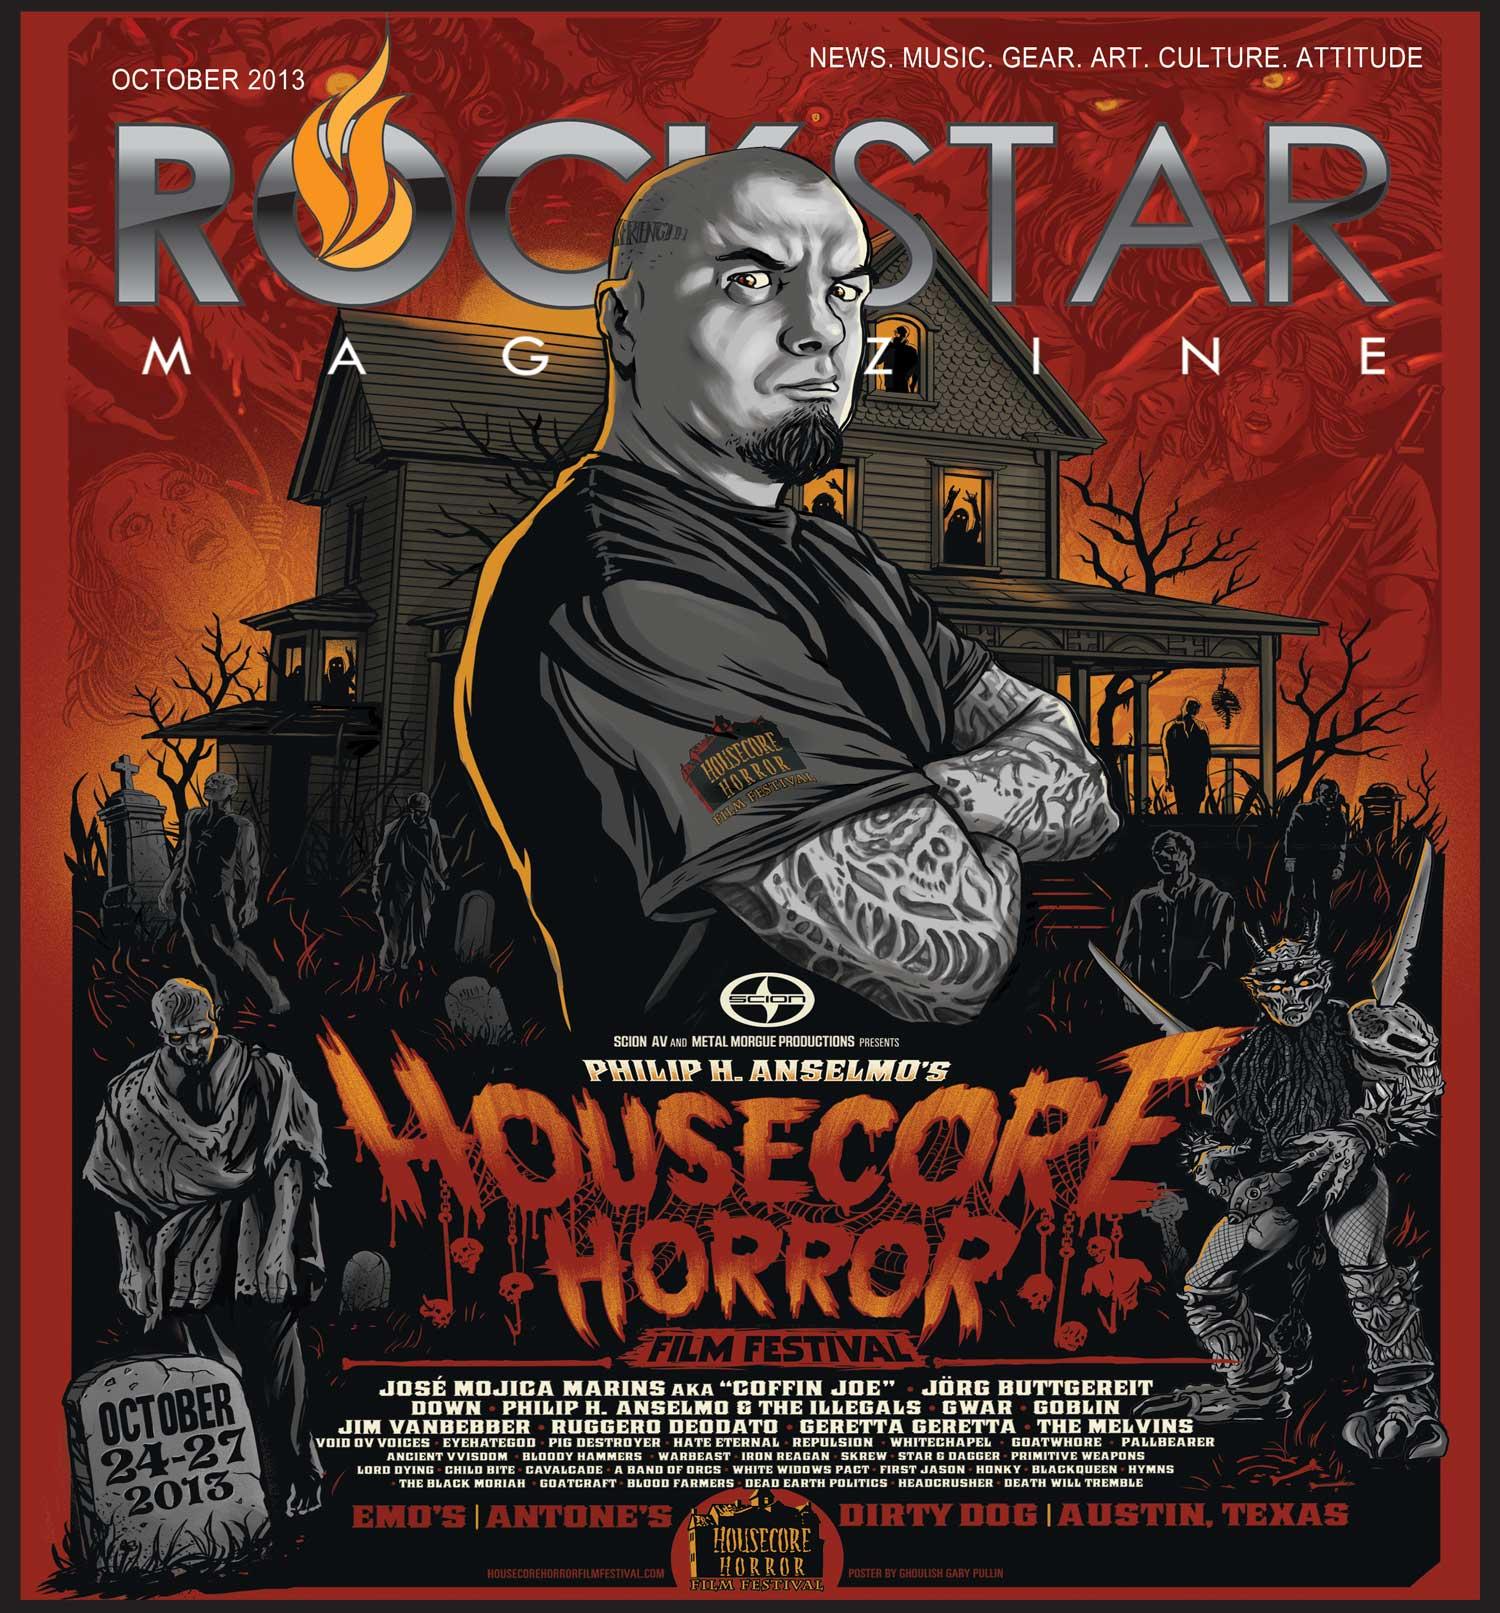 ROCKSTAR-2-COVER-OCT